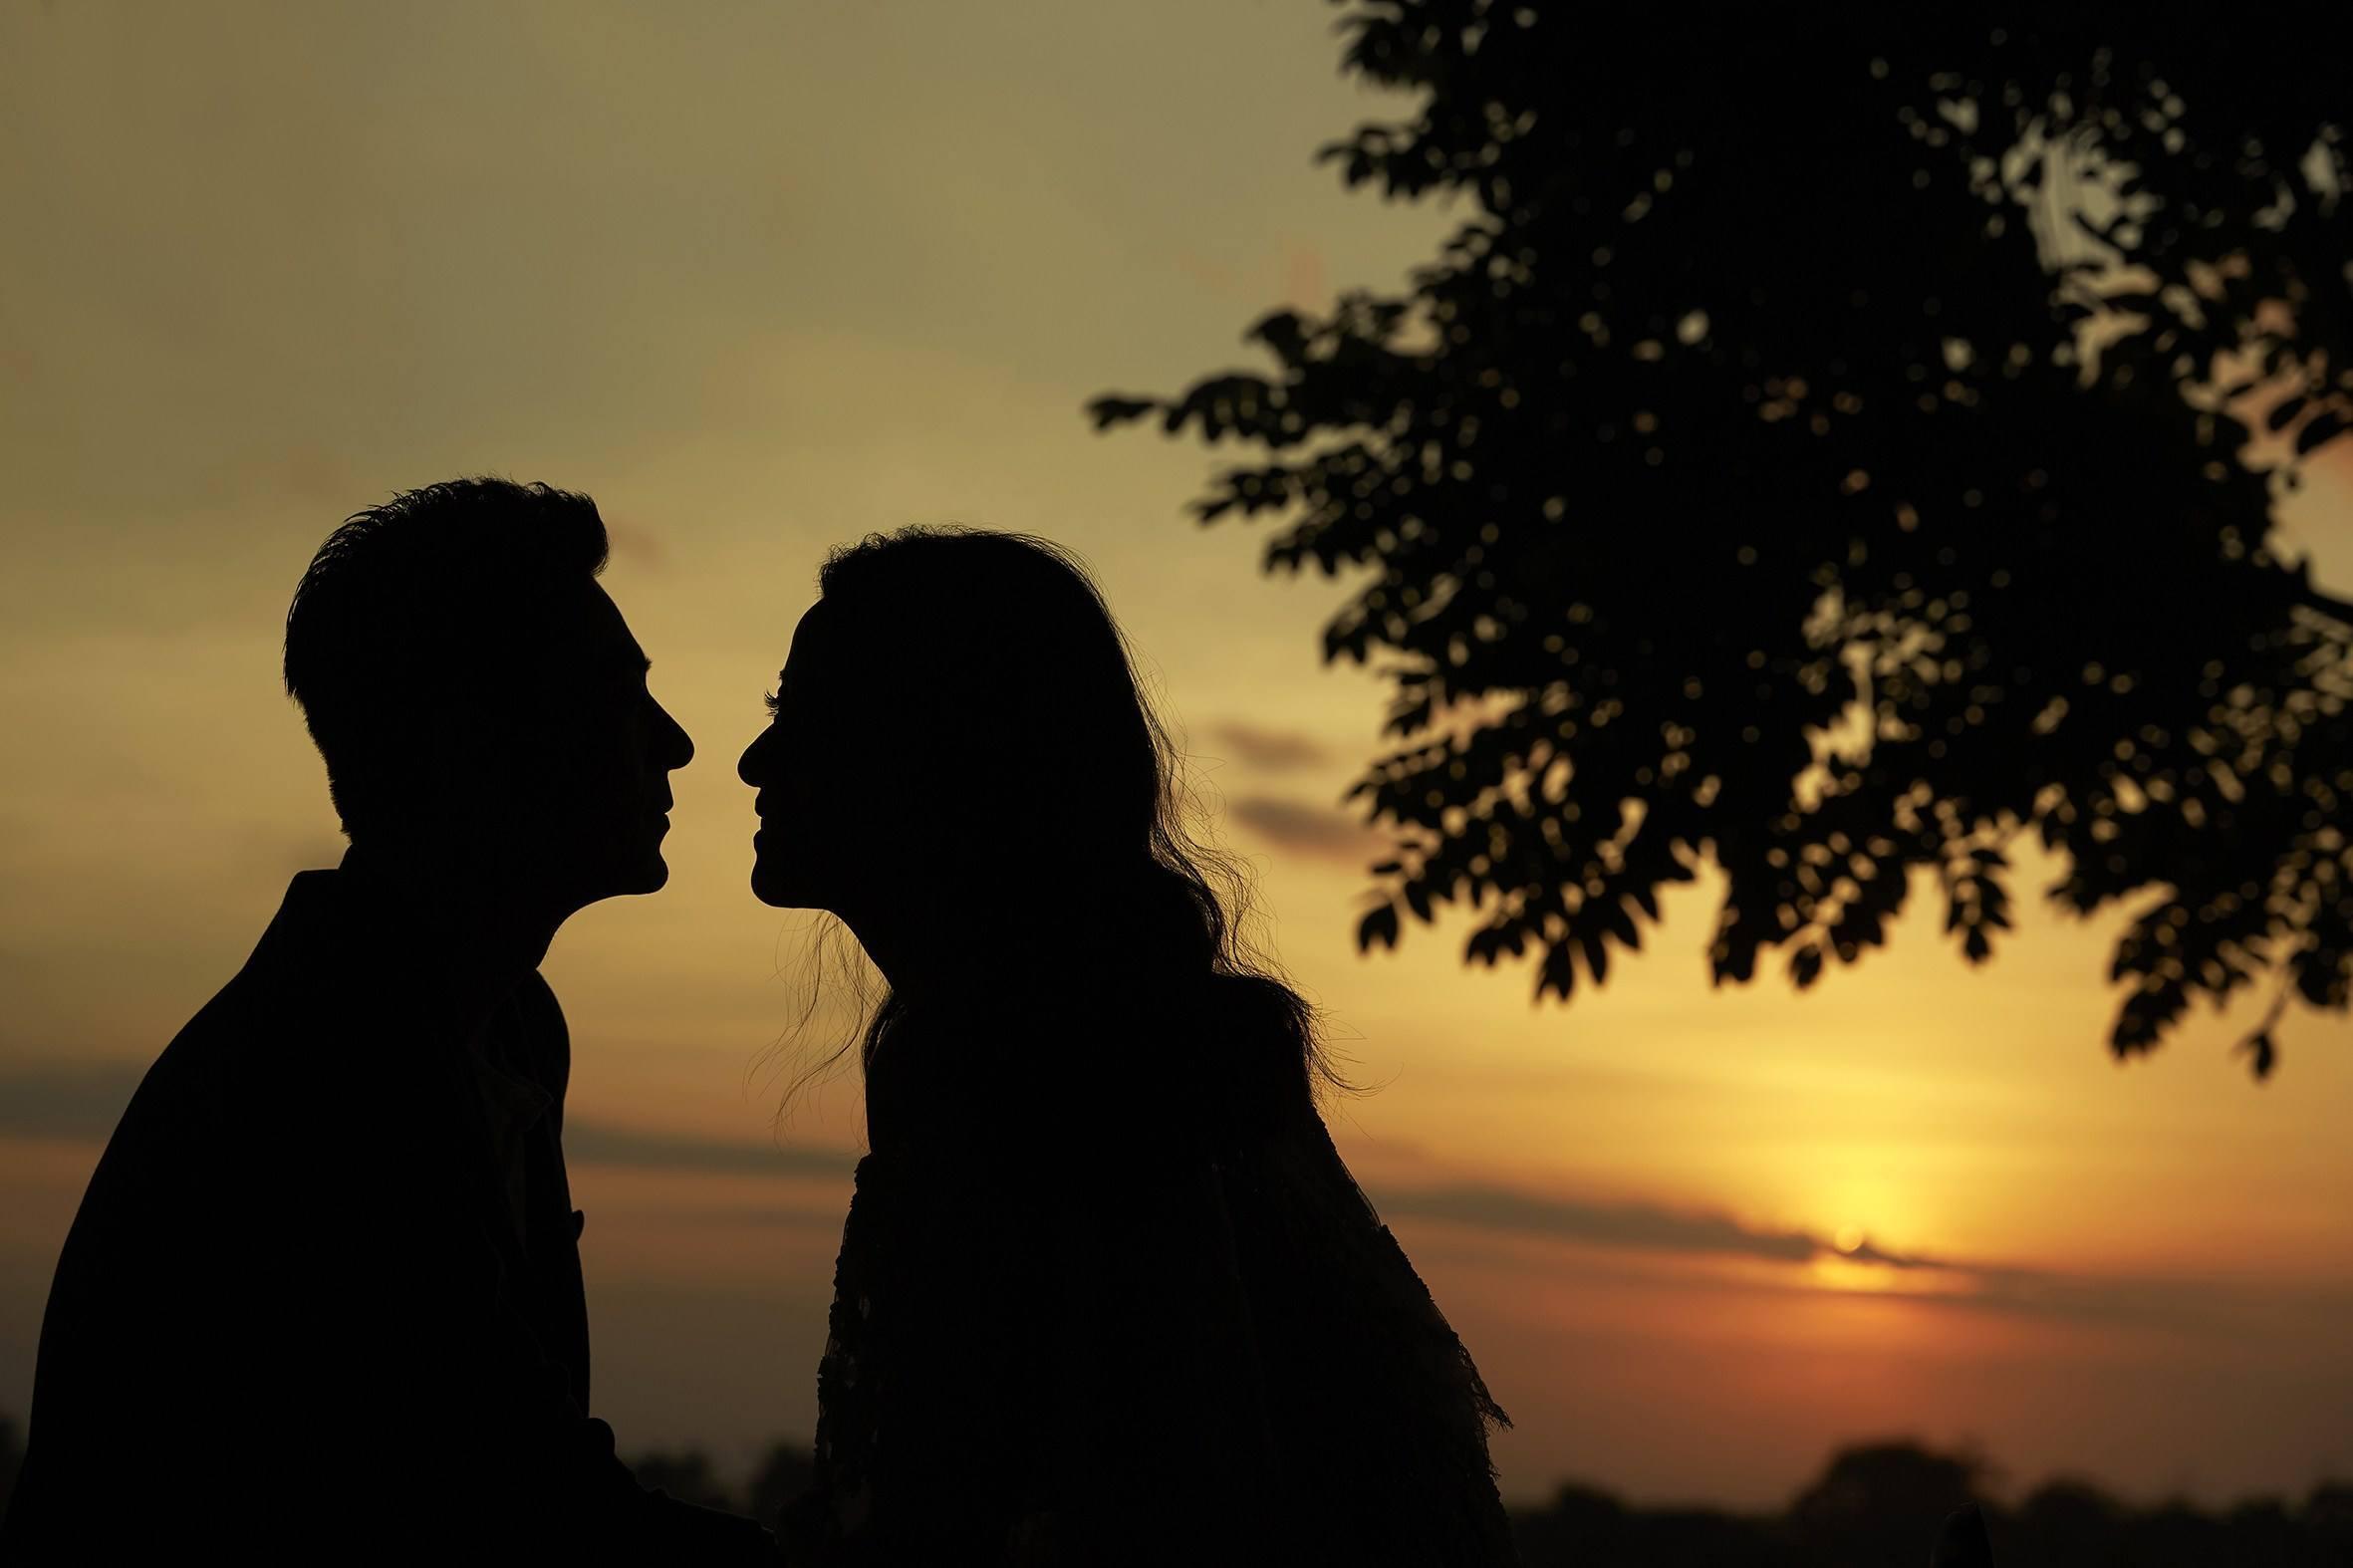 最感动的爱情誓言 感动到哭的爱情誓言